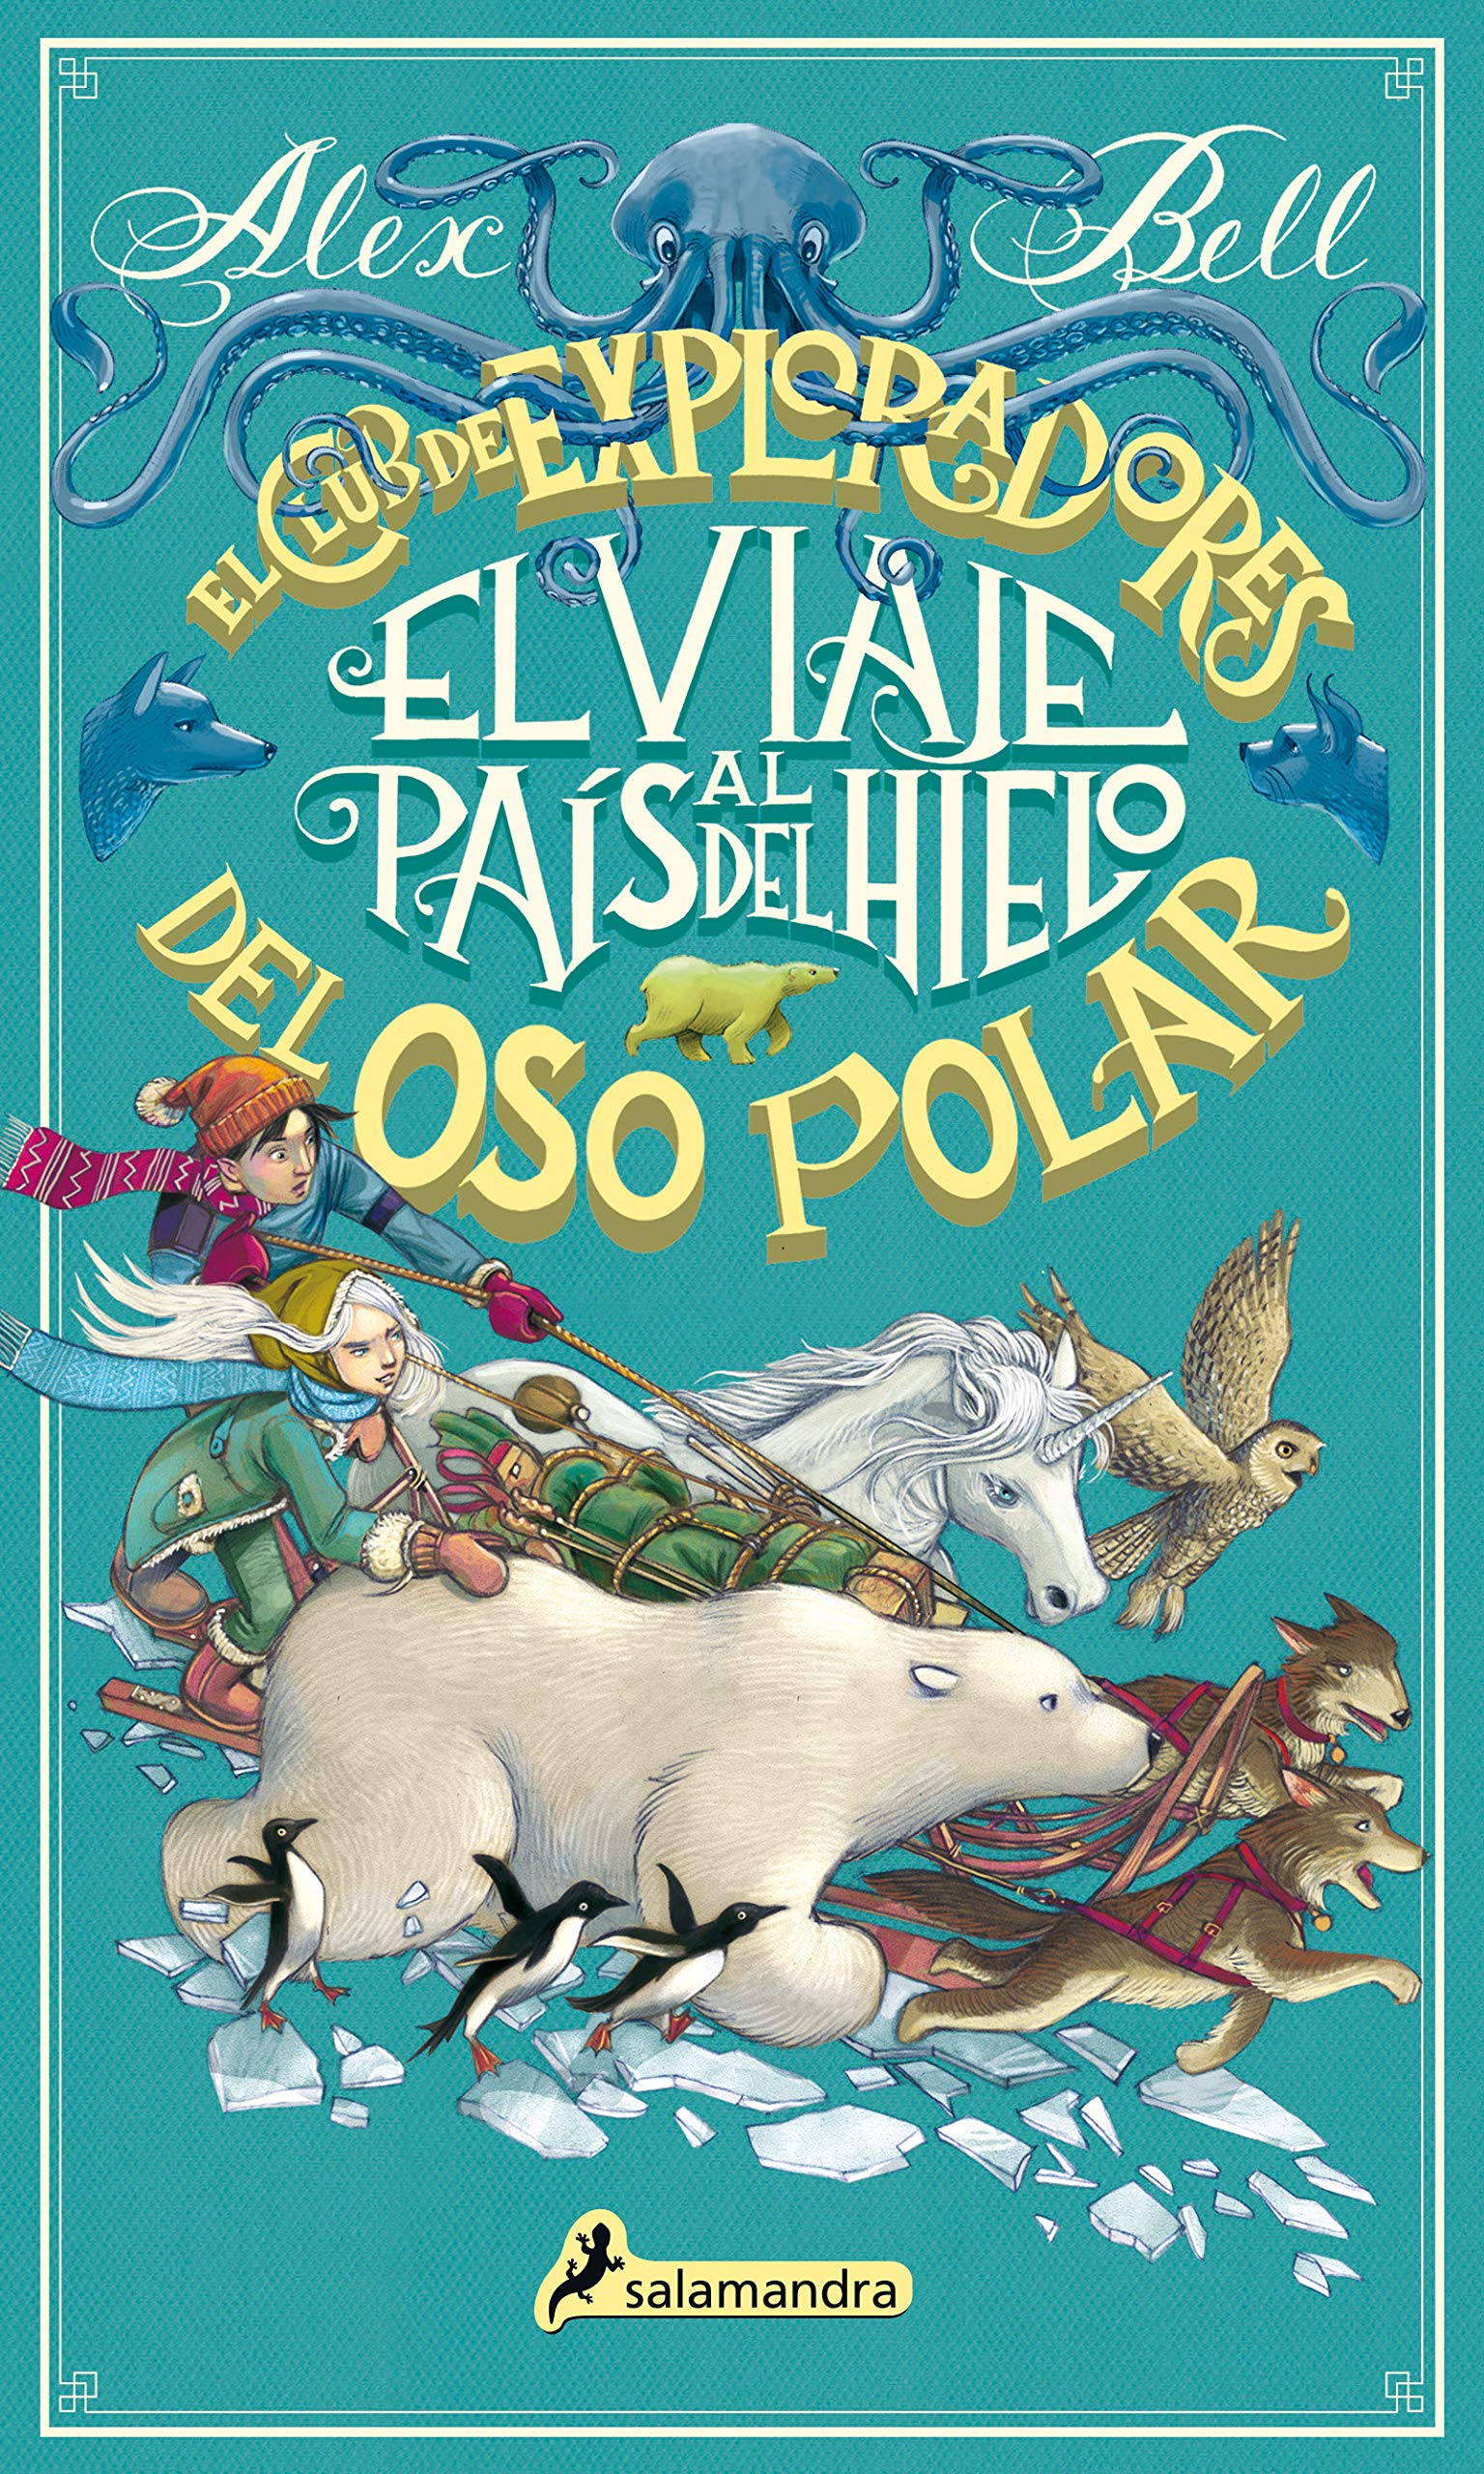 Portada libro - El viaje al país del hielo